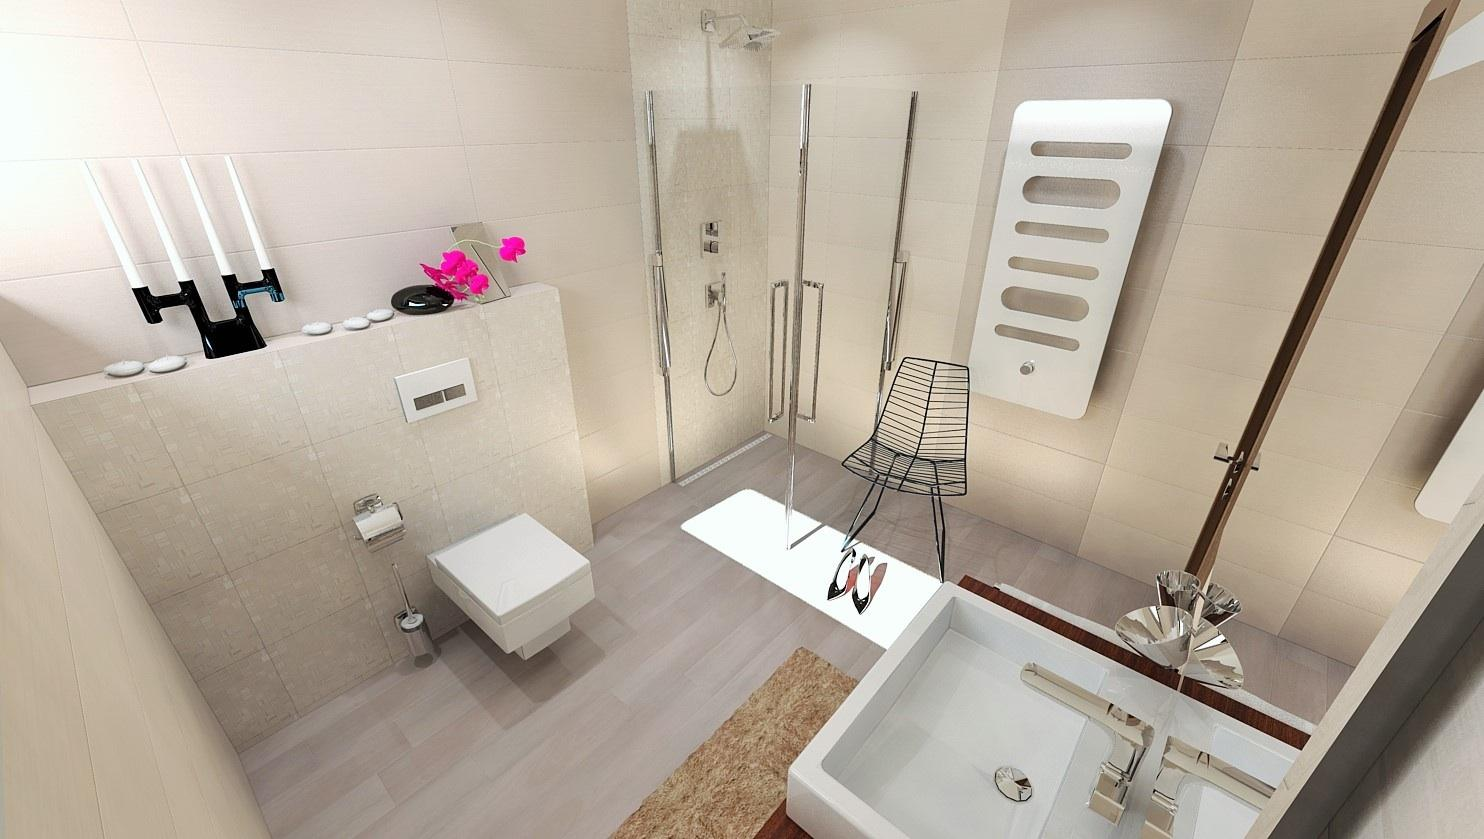 Vizualizácie kúpeľne - Vizualizácia kúpeľne z novej kolekcie LACE - www.modernekupelne.sk